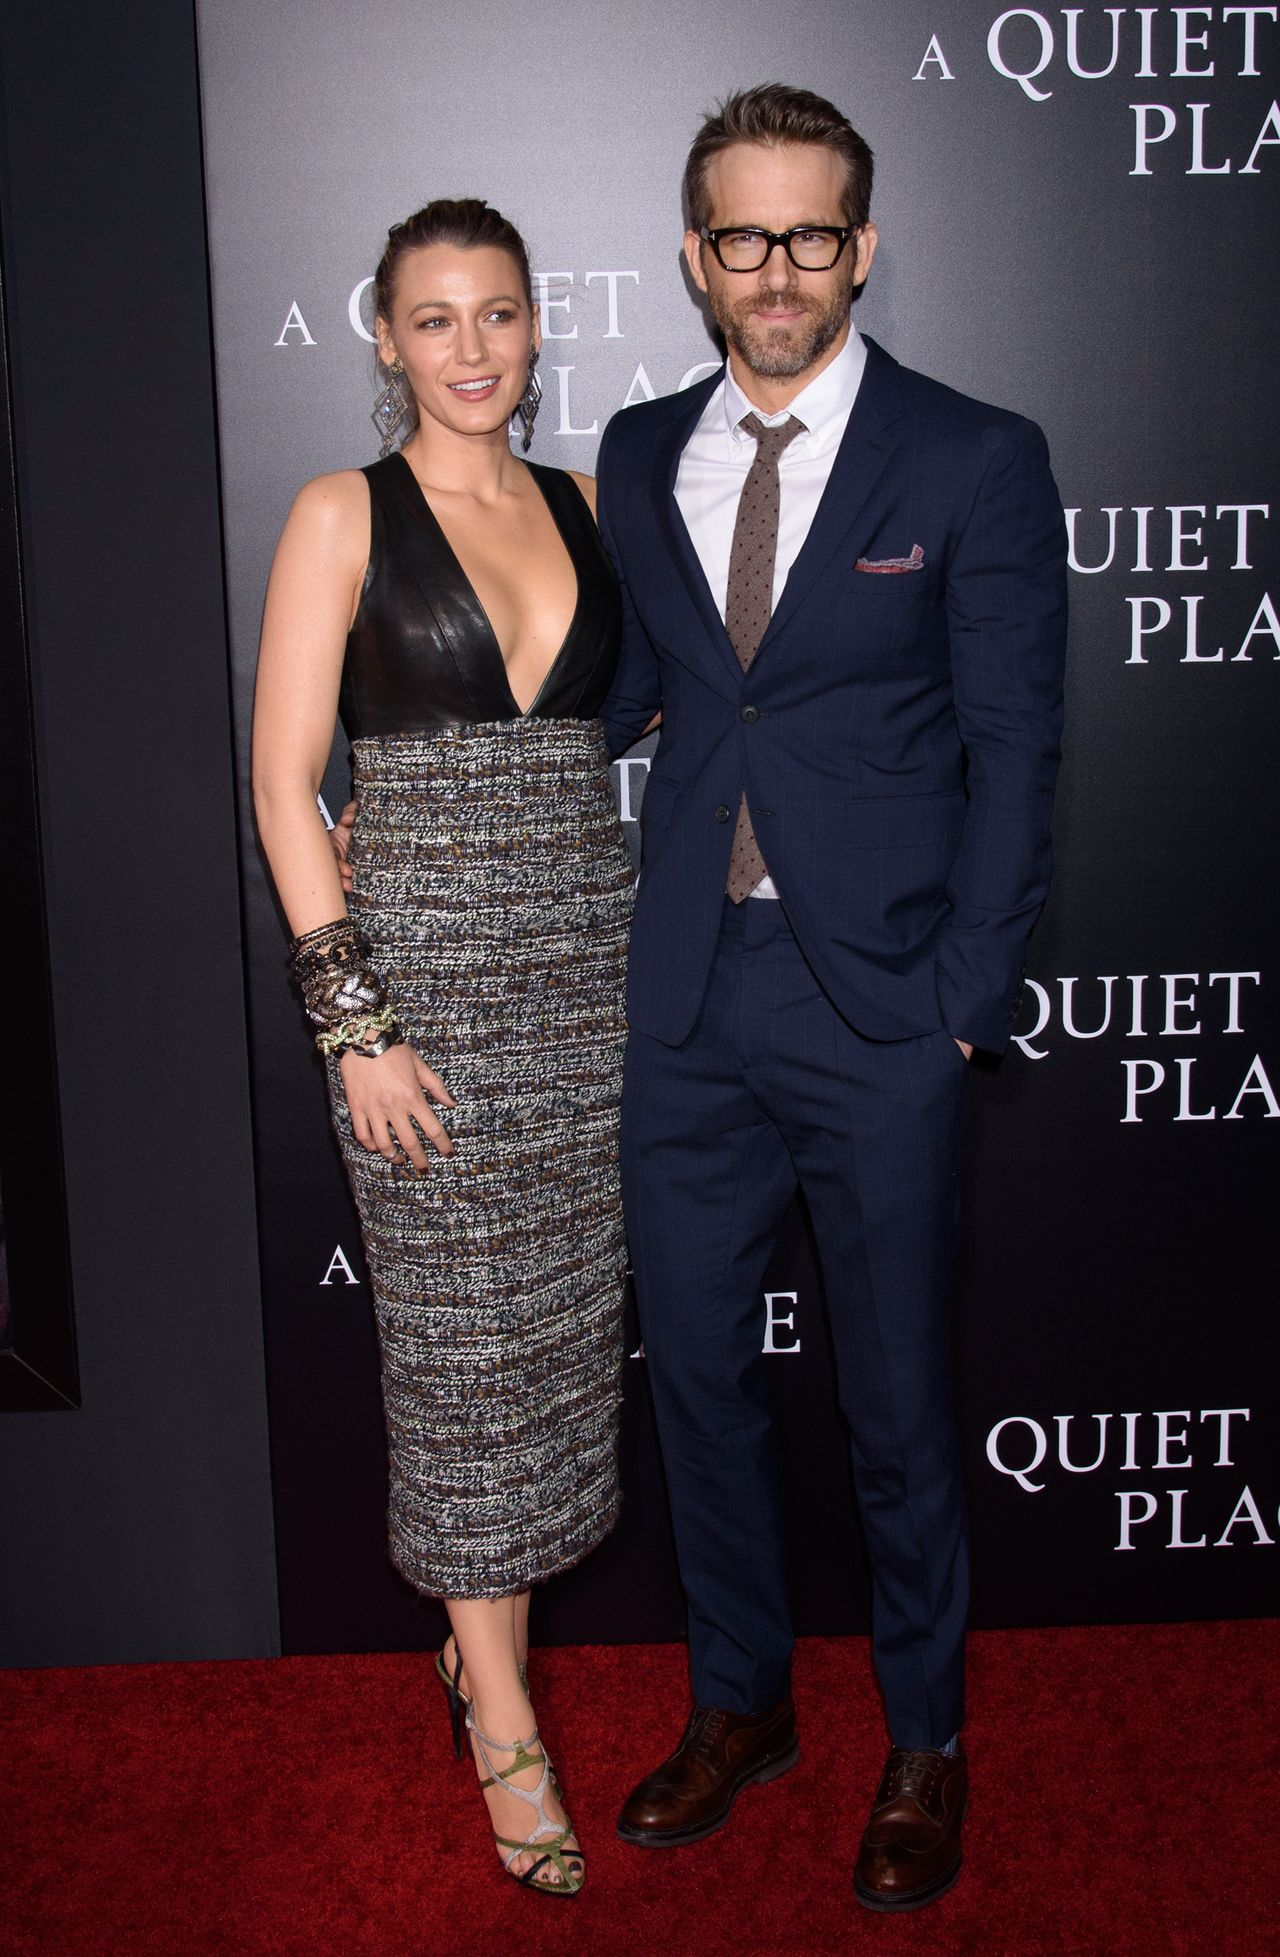 Blake Lively między nogami przystojnego modela - jej facet komentuje zdjęcie